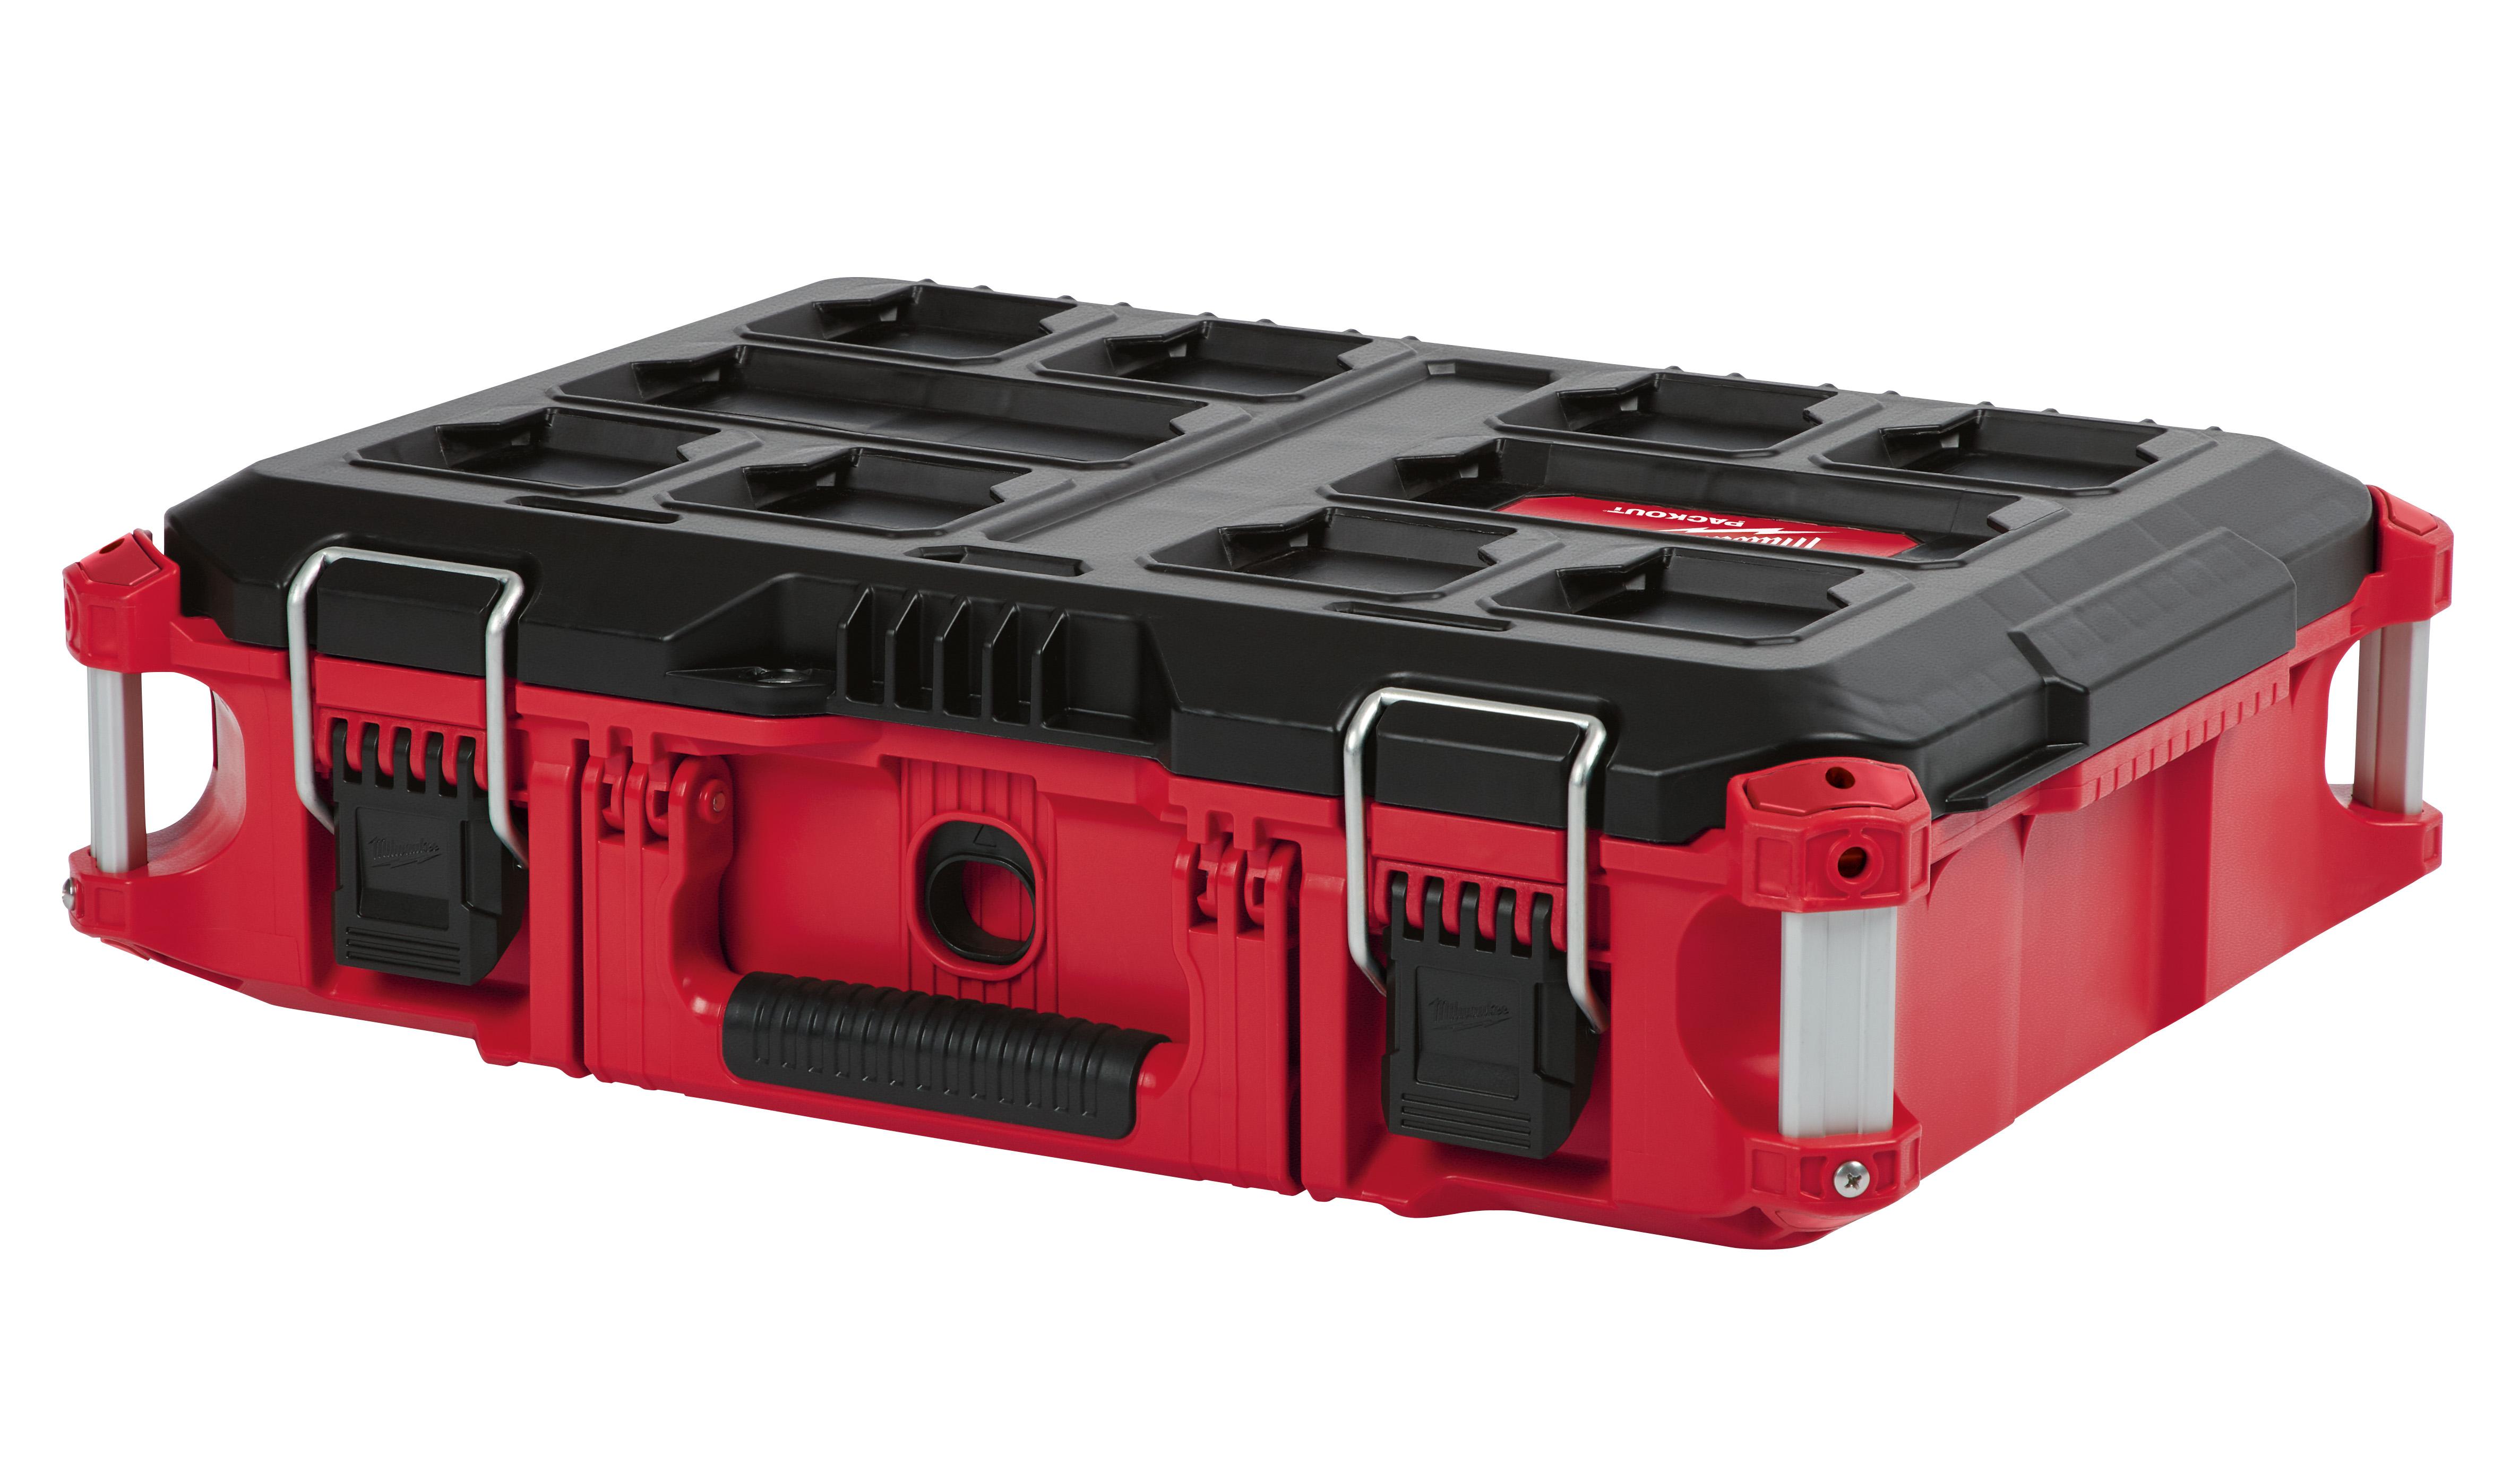 Milwaukee® PACKOUT™ 48-22-8424 Waterproof Flip Latch Tool Box, 6.6 in H x 16.1 in W x 22.1 in D